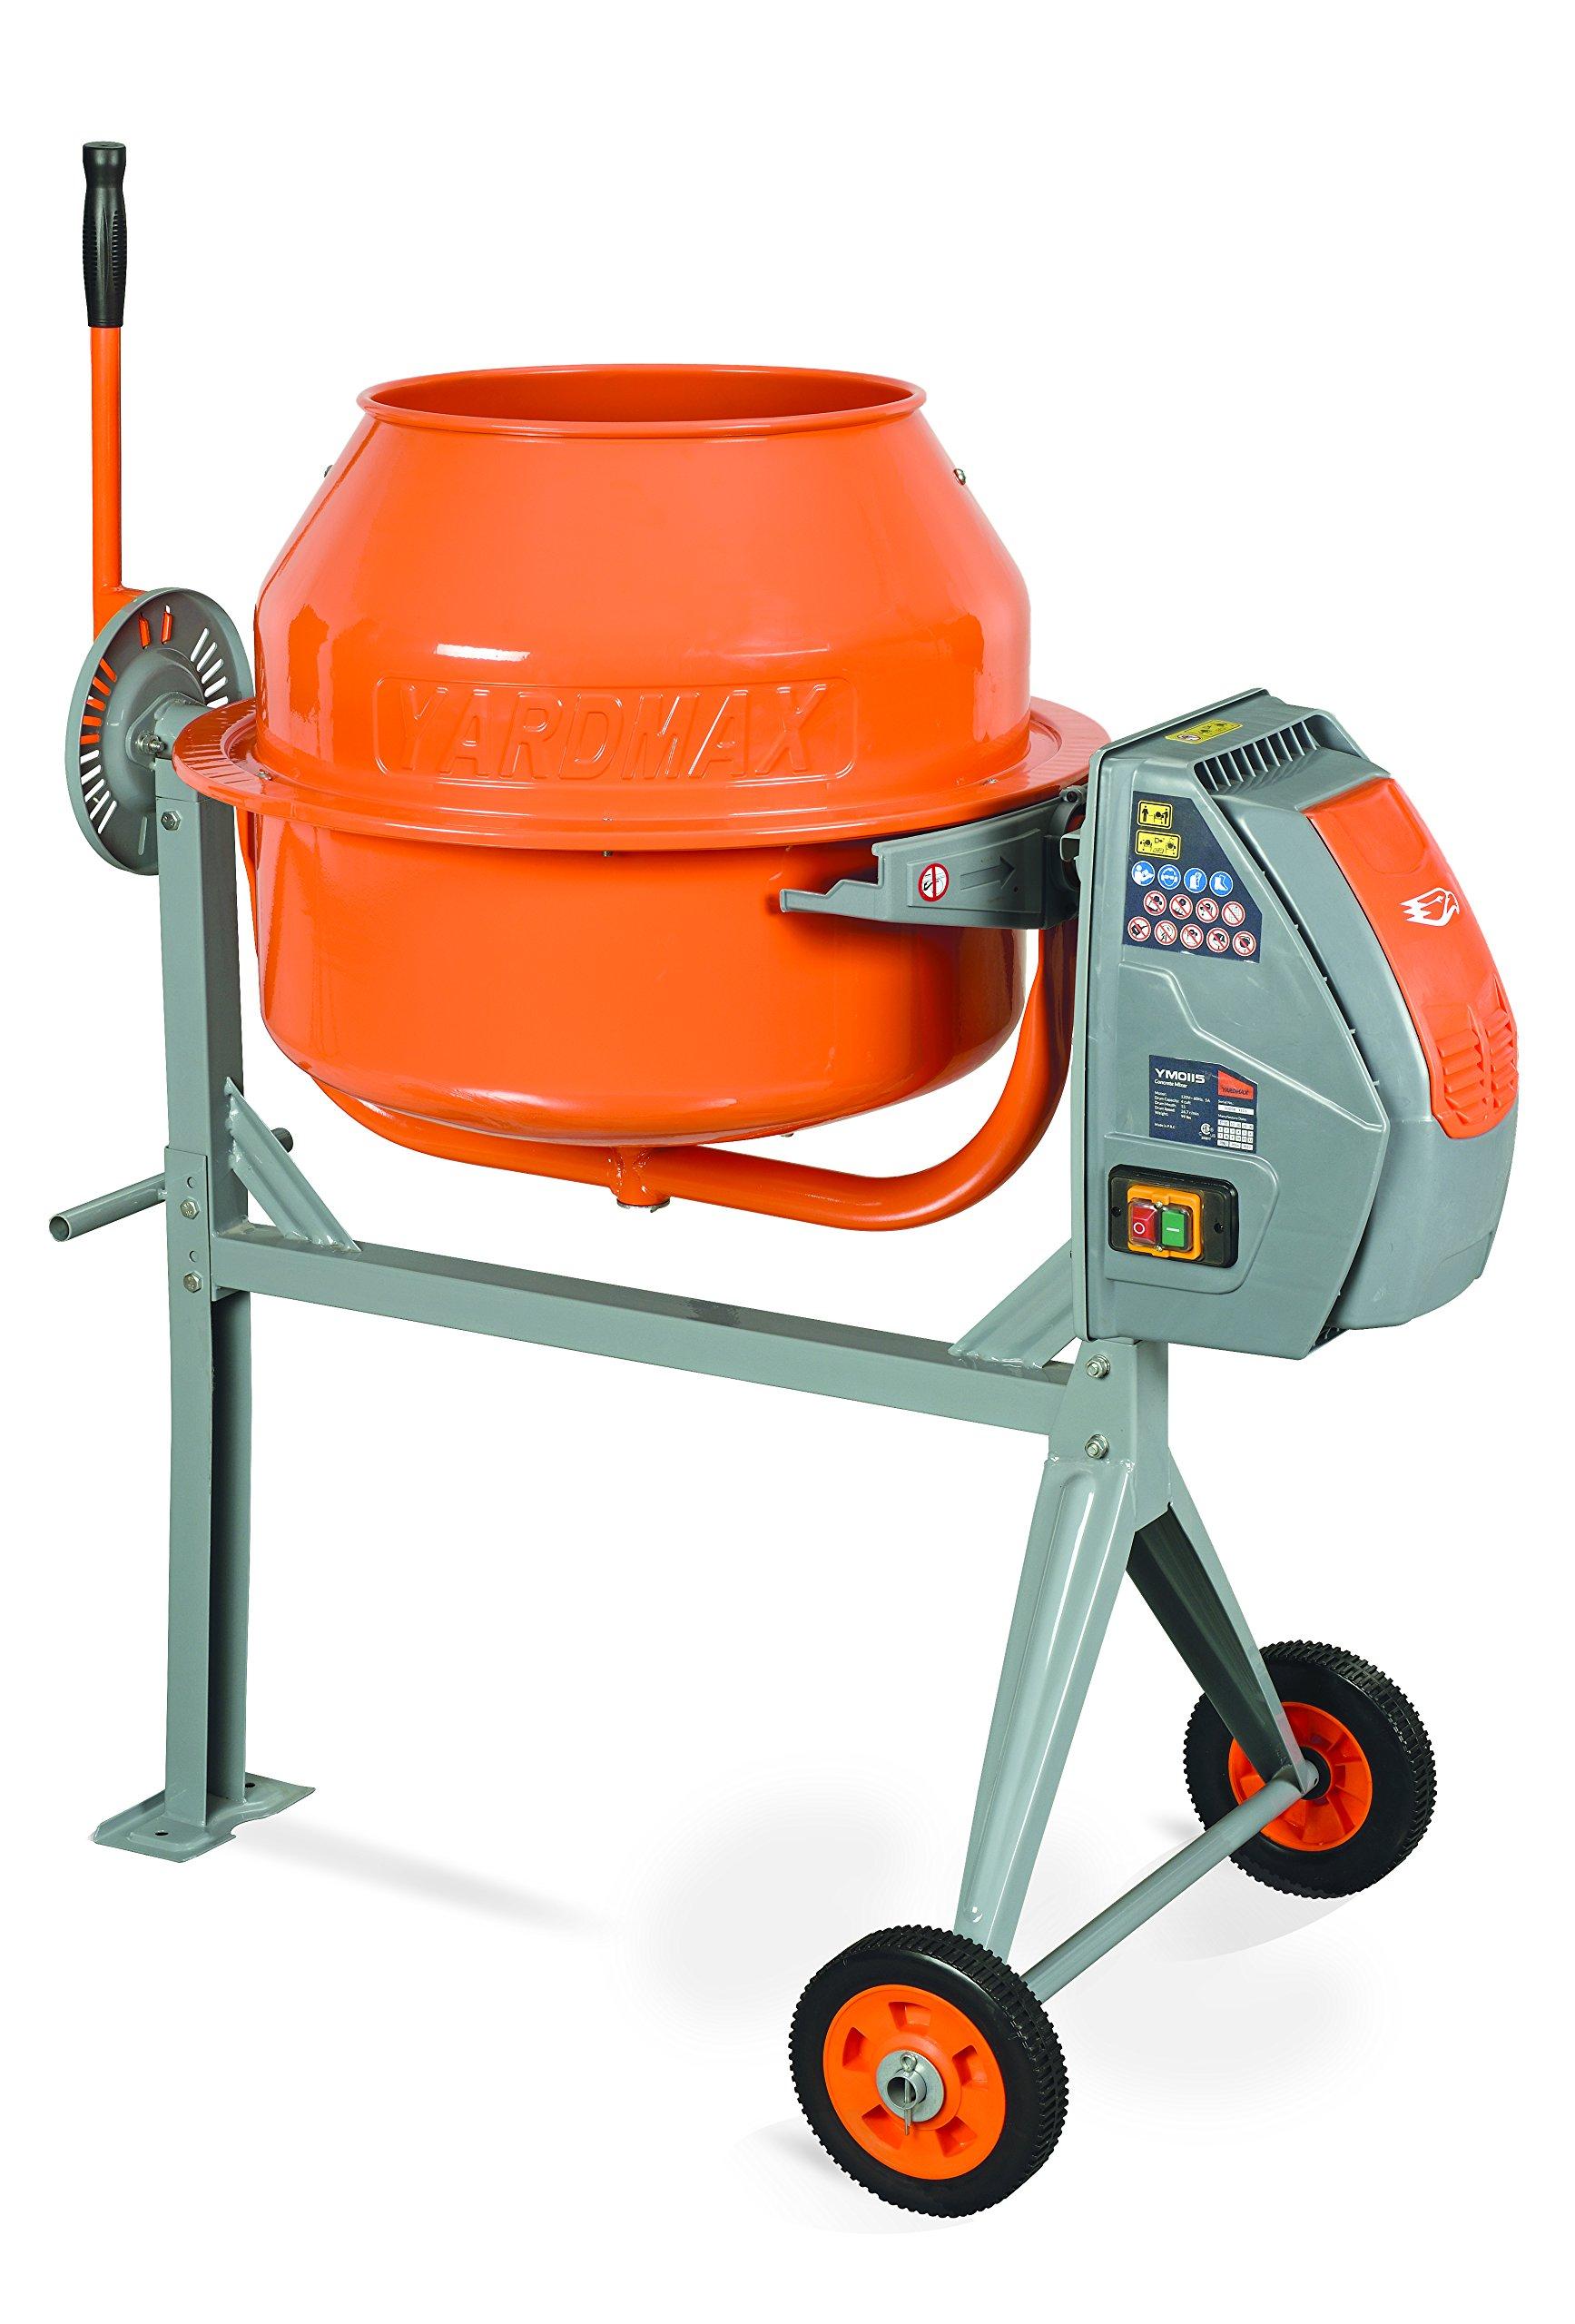 YARDMAX YM0115 4.0 Cu. Ft. Concrete Mixer